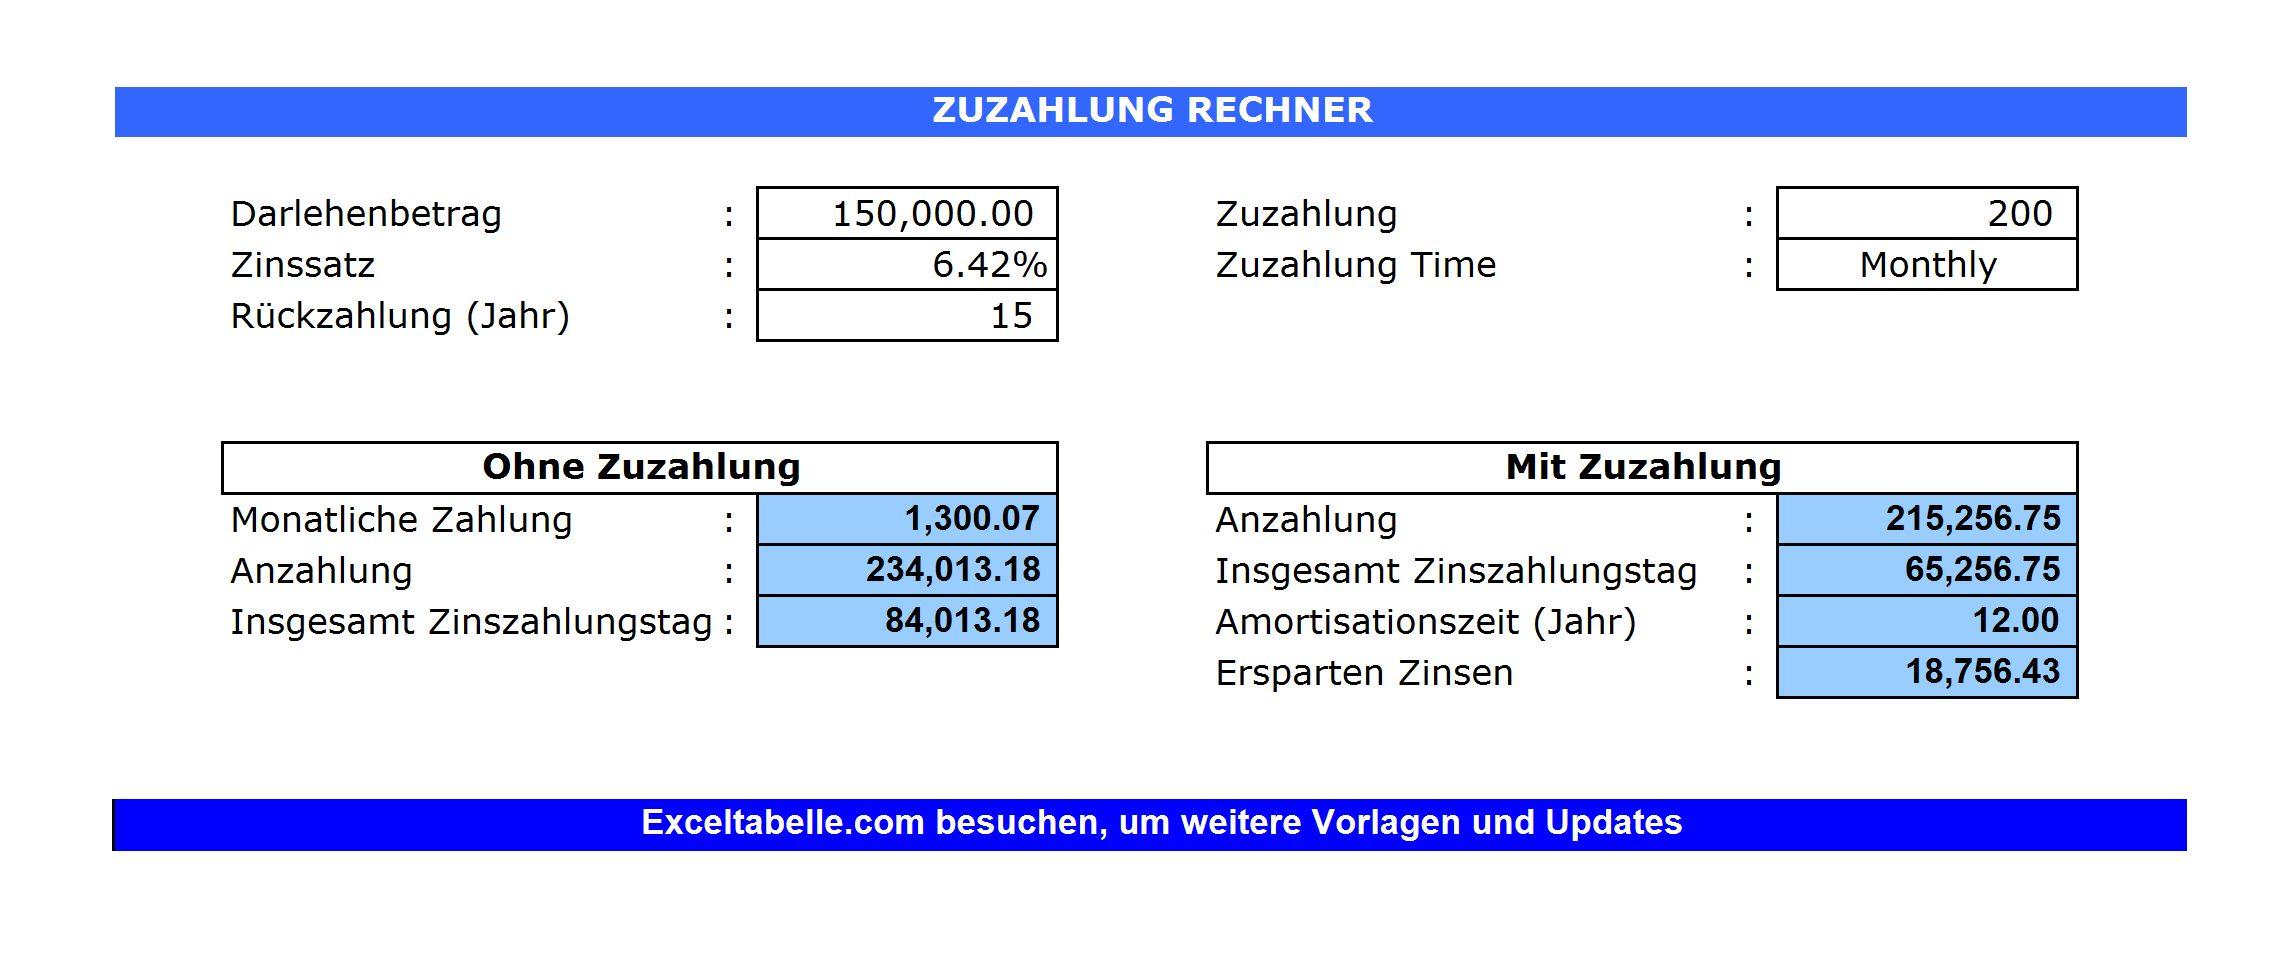 Zuzahlungsrechner